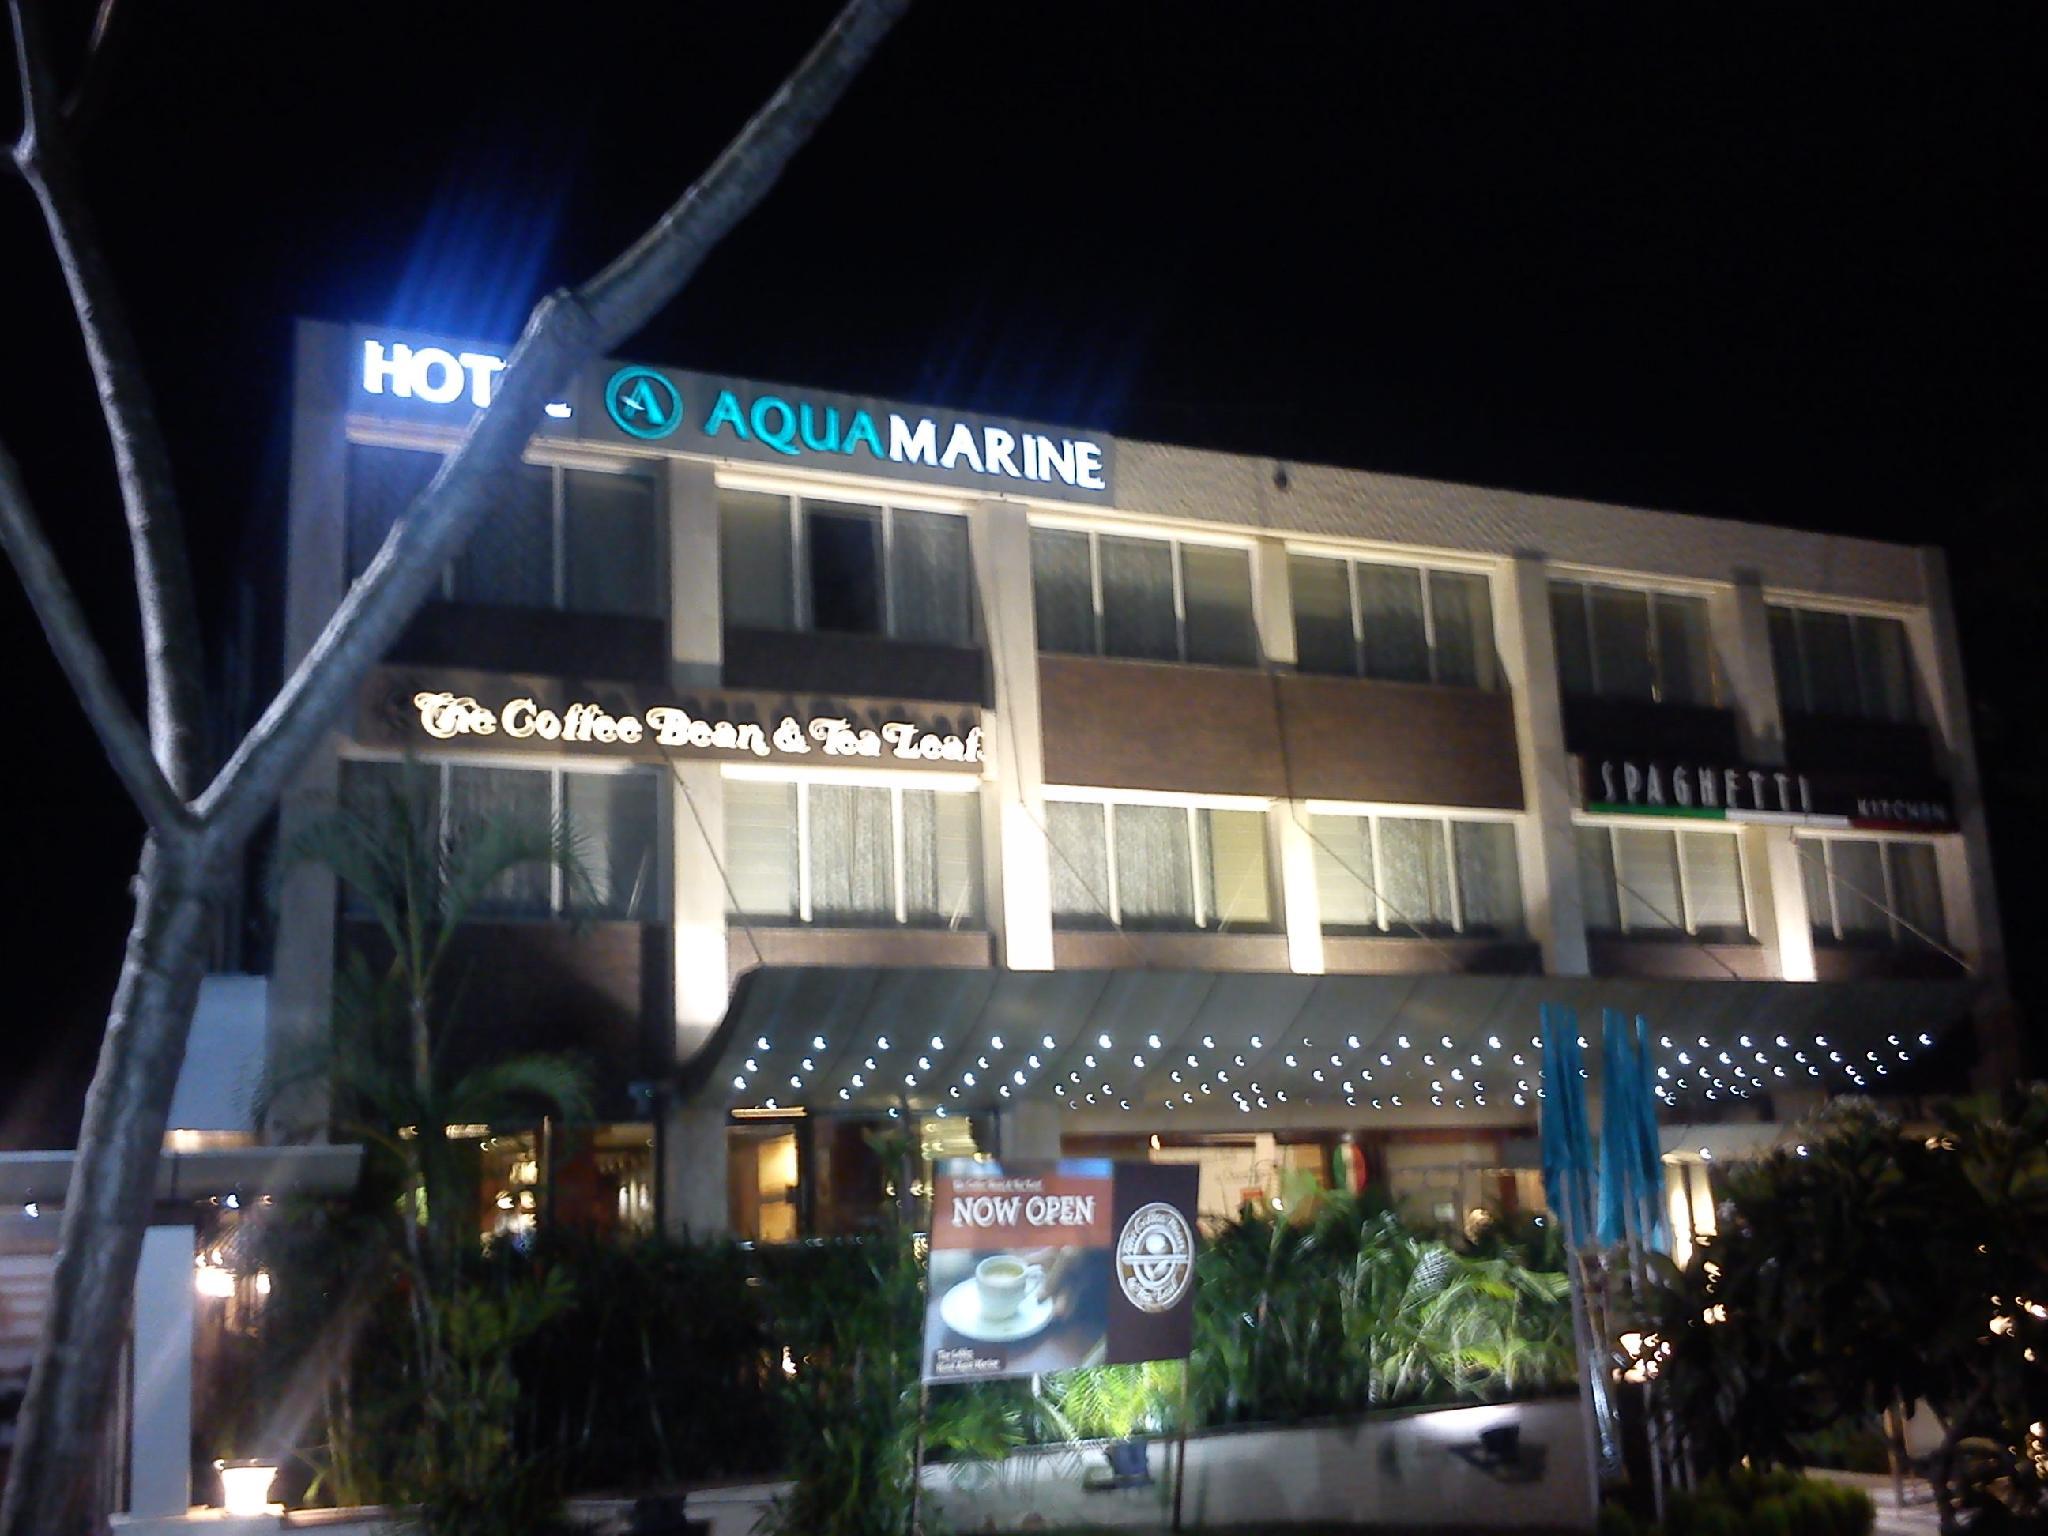 Hotel Aquamarine